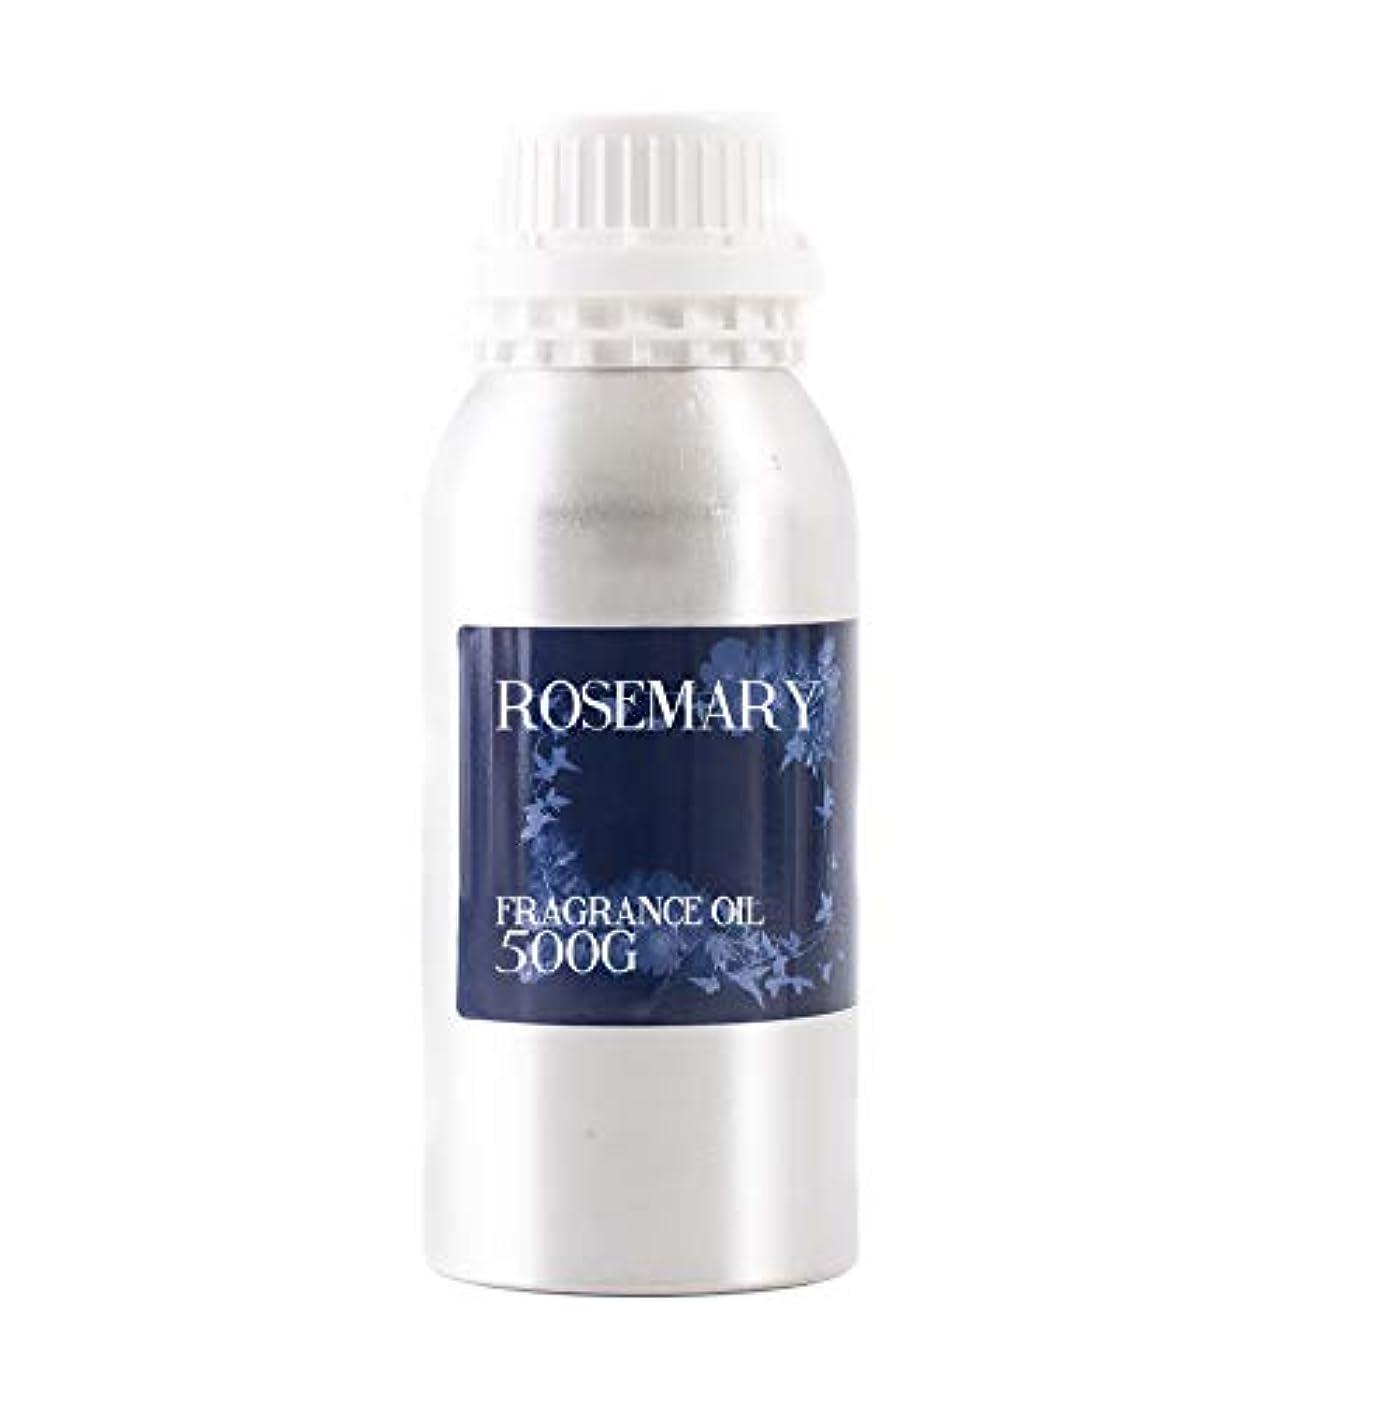 夕食を食べる乱闘抜本的なMystic Moments   Rosemary Fragrance Oil - 500g